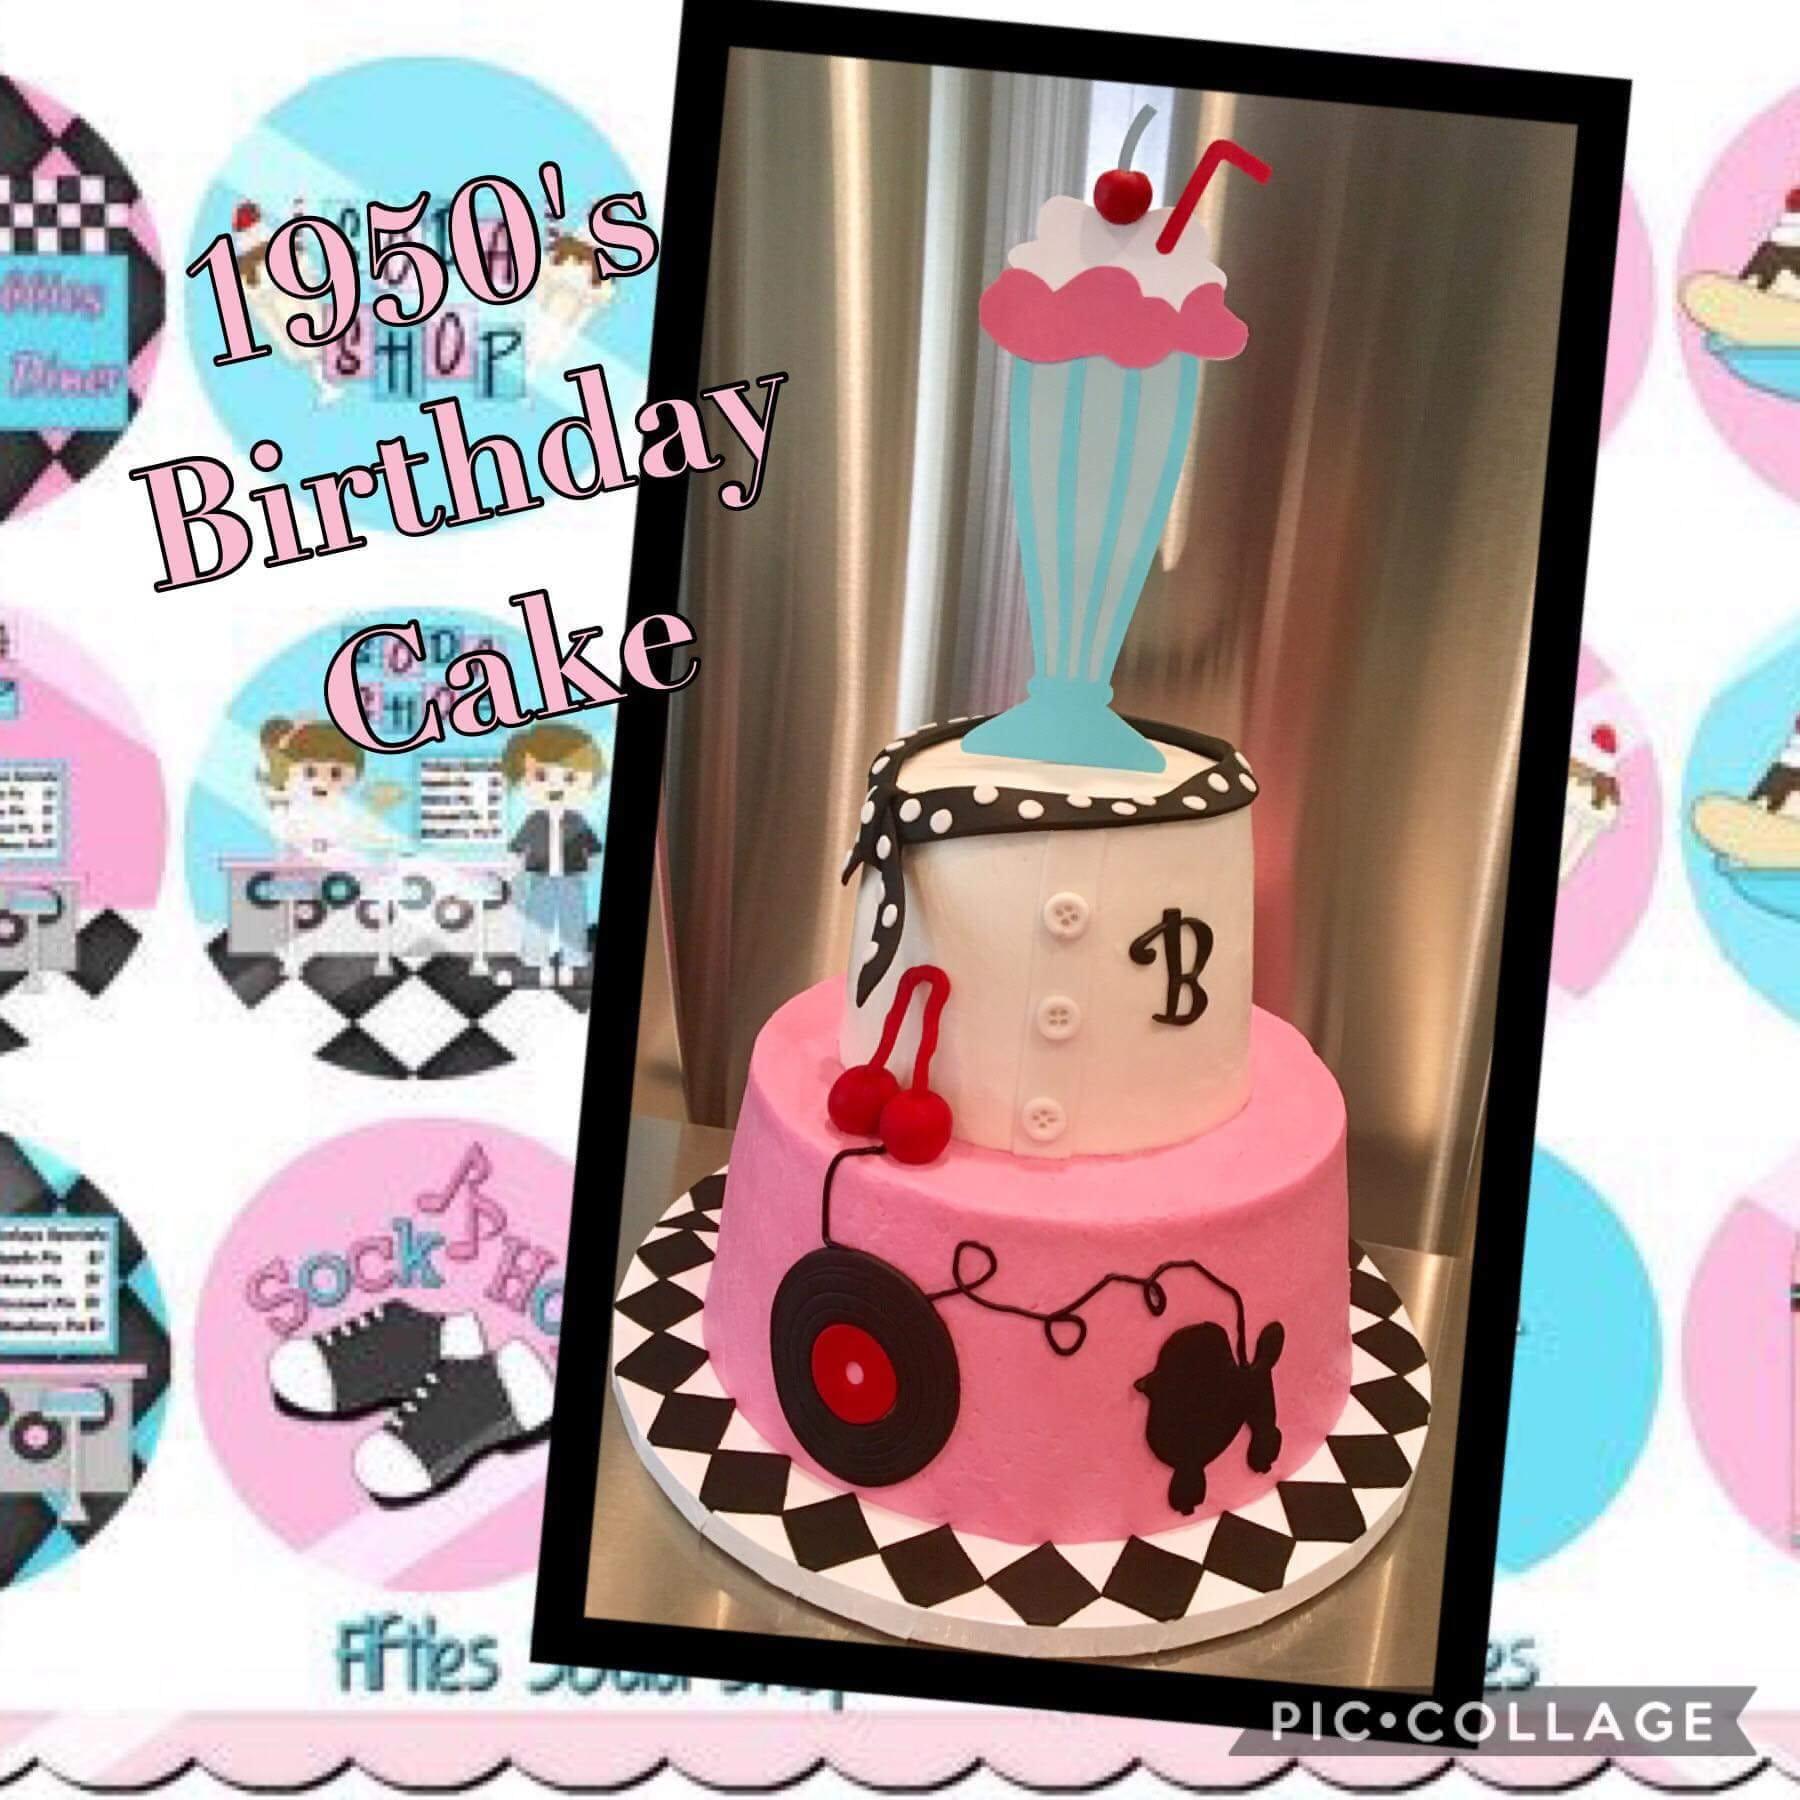 MILKSHAKE CAKE TOPPER Free Shipping 50s Birthday Party